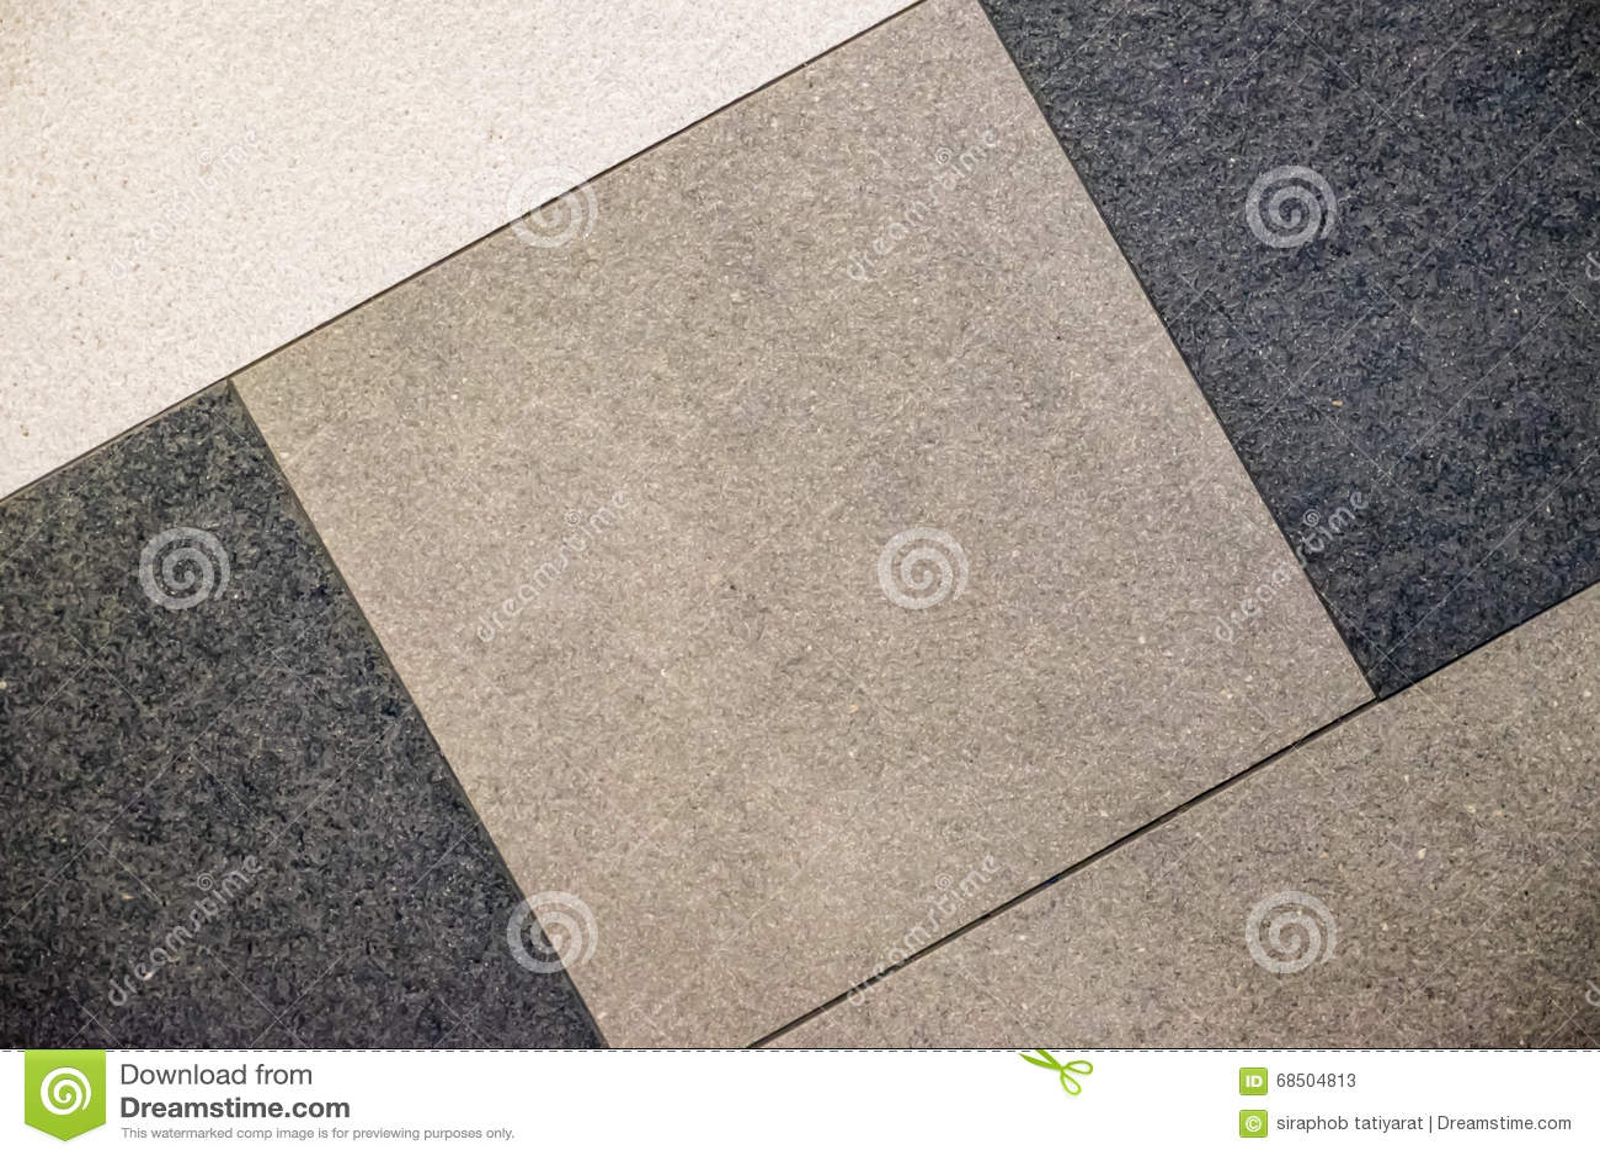 Piastrelle bagno texture bianche stunning immagine di pavimento